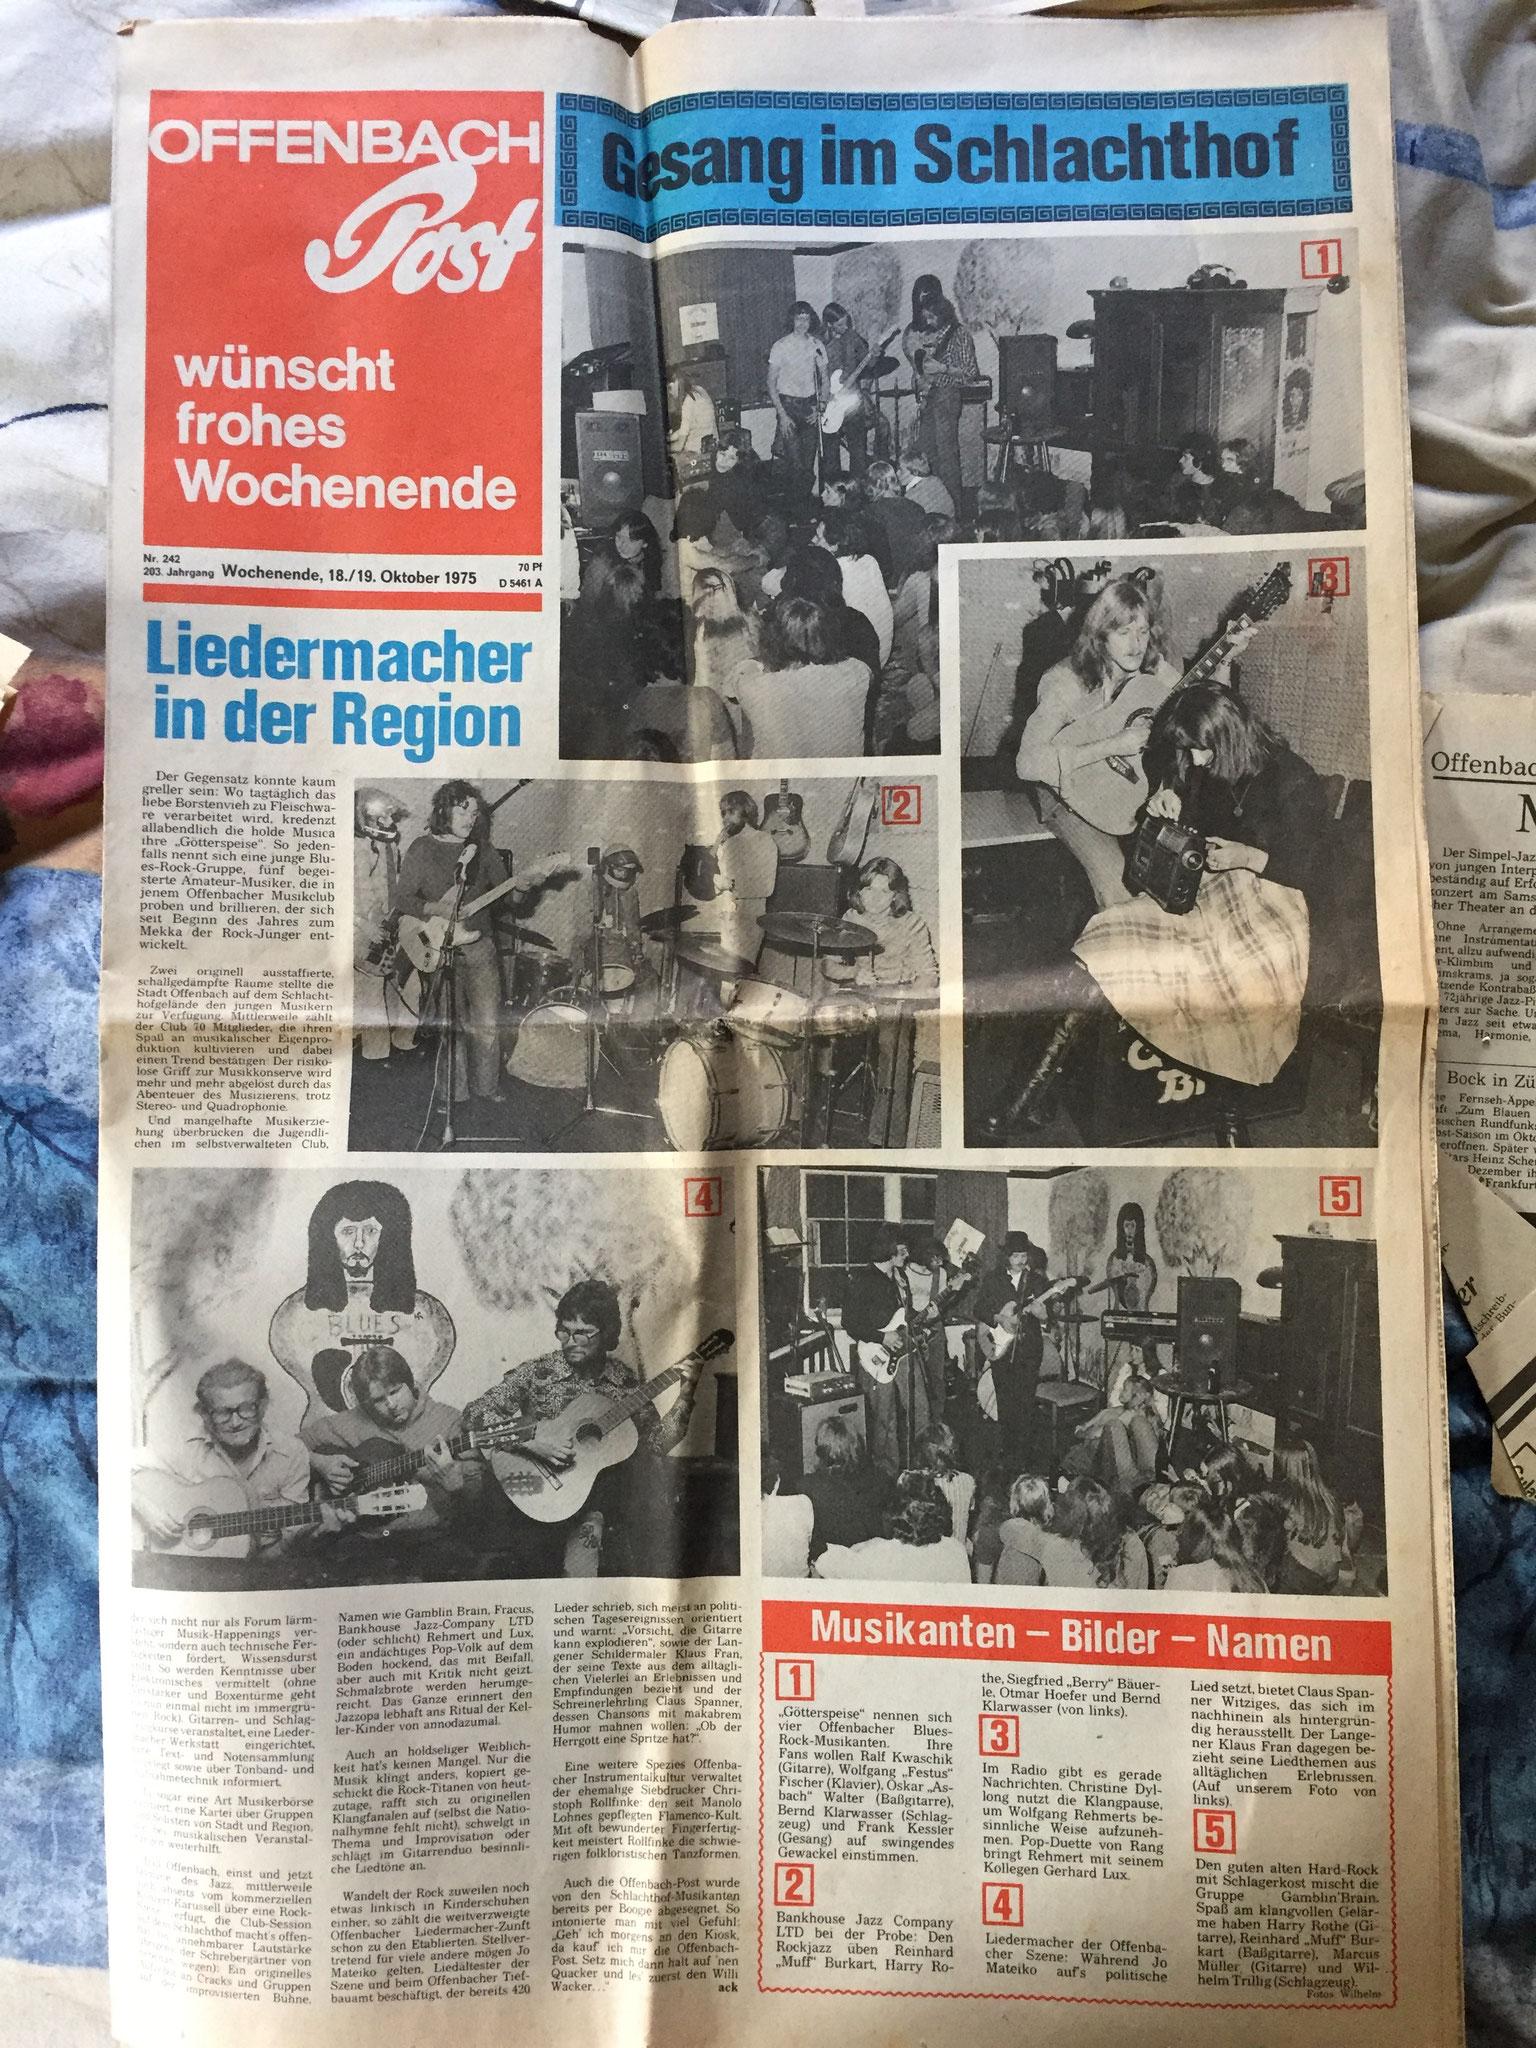 Artikel Offenbach Post, 18./19. Oktober 1975